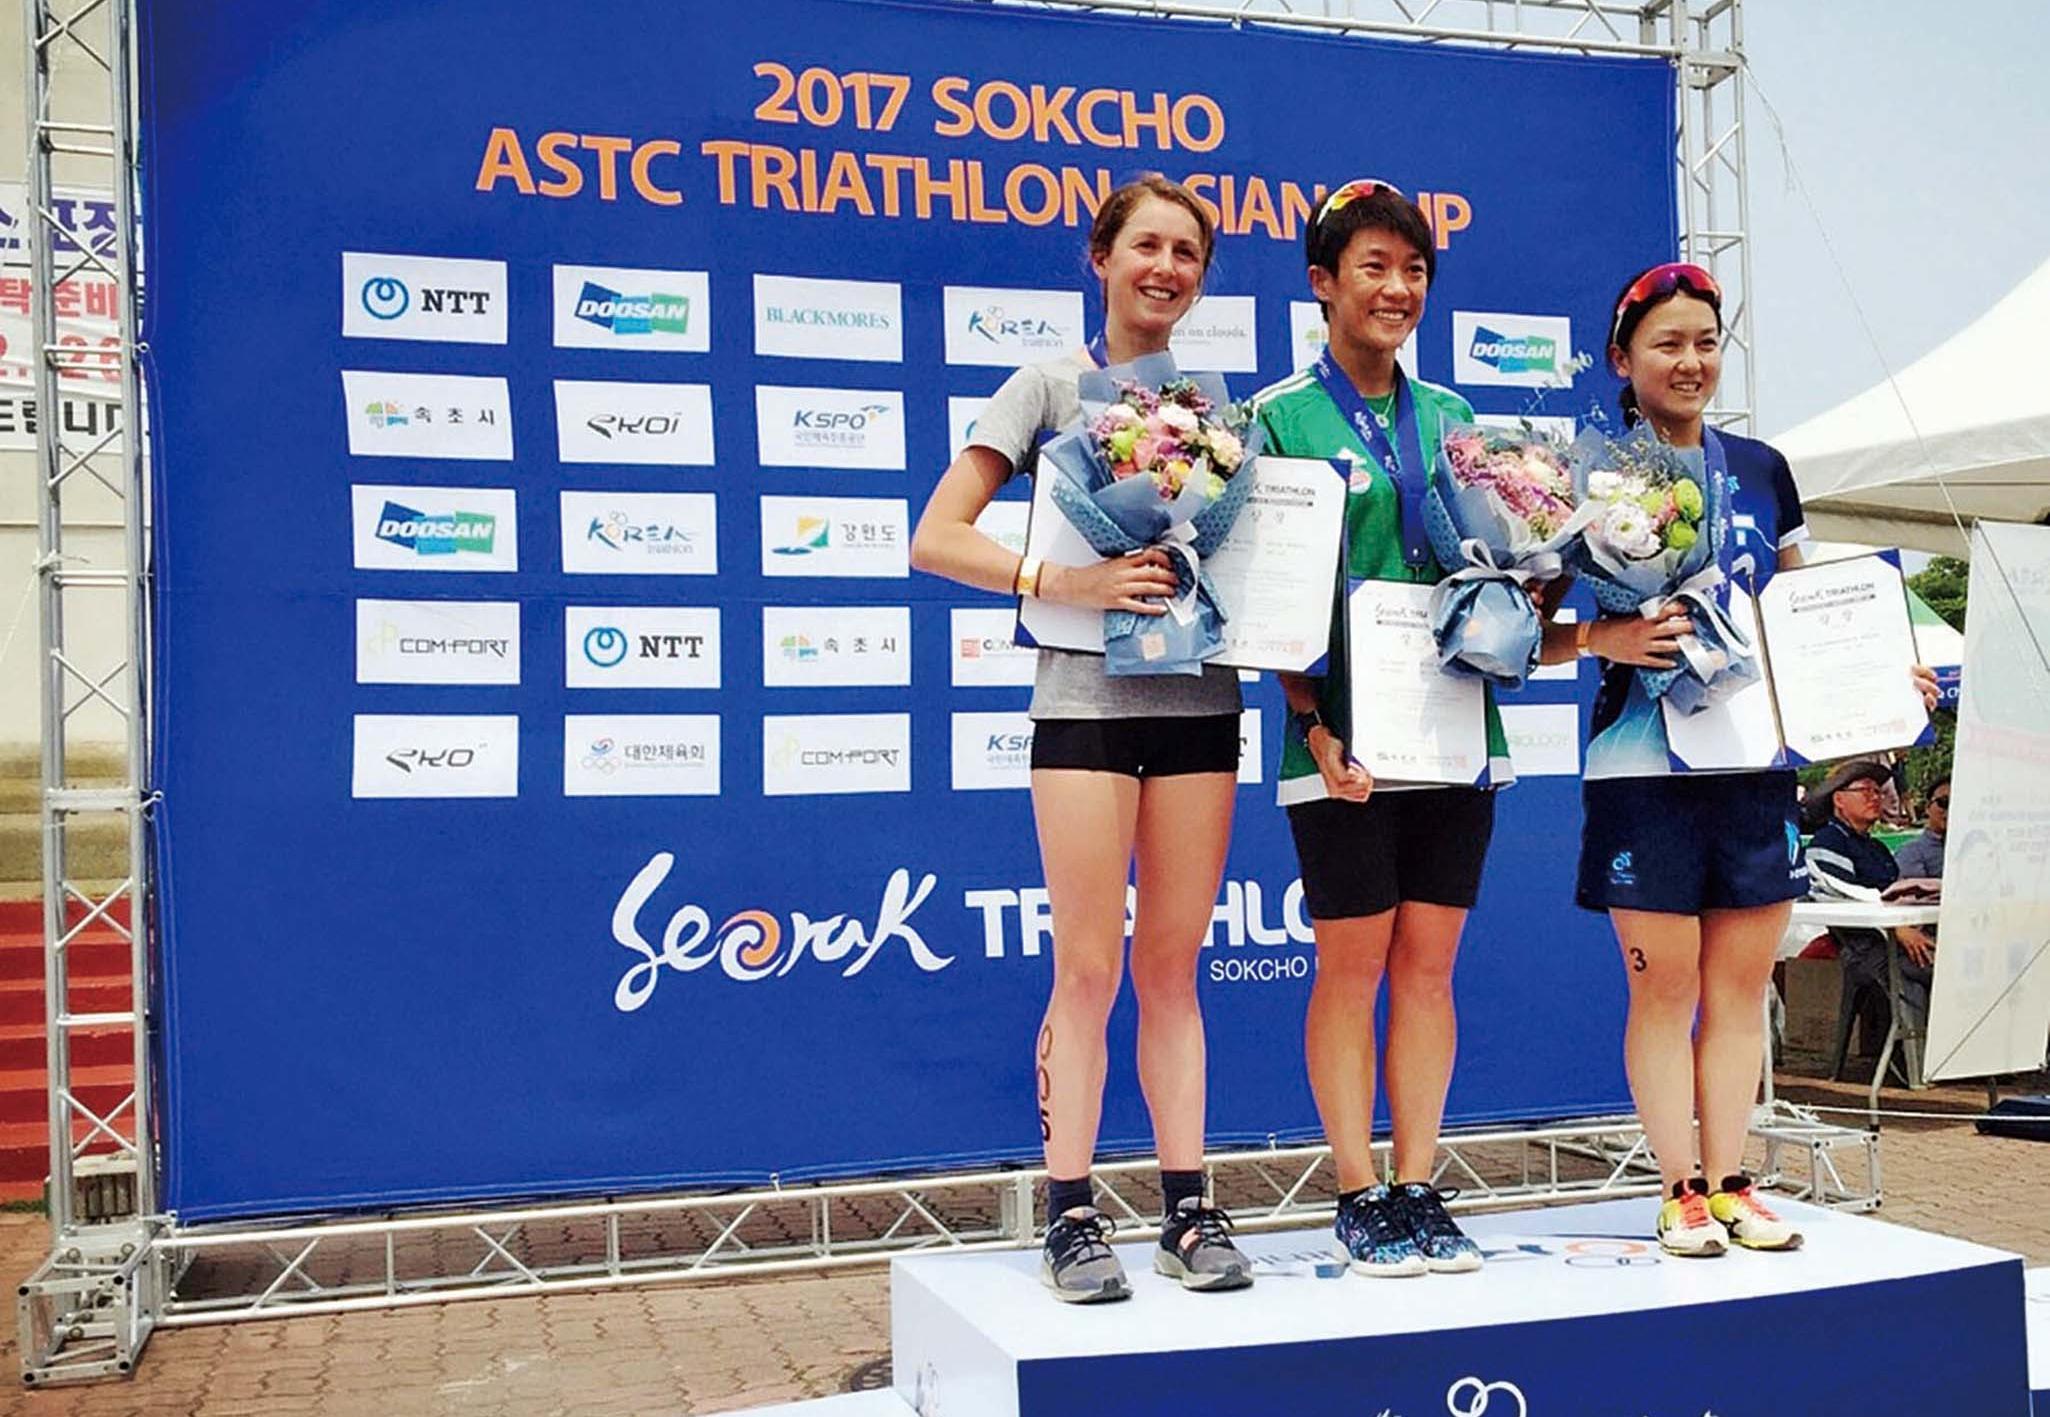 許朗亞洲盃韓國站奪冠